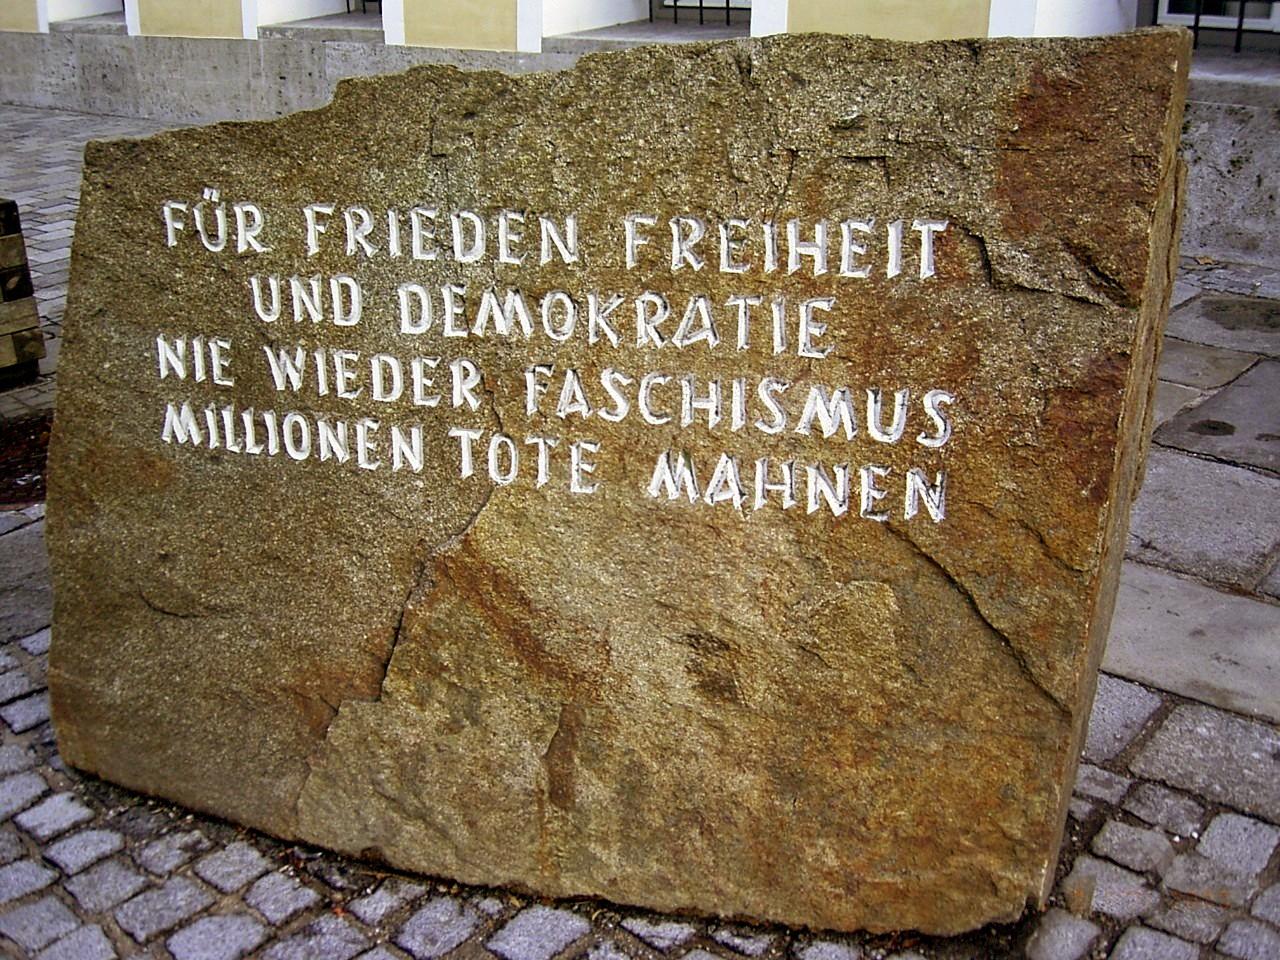 Mahnmal vor Hitlers Geburtshaus, aufgestellt 1989. Fels aus dem KZ Mauthausen